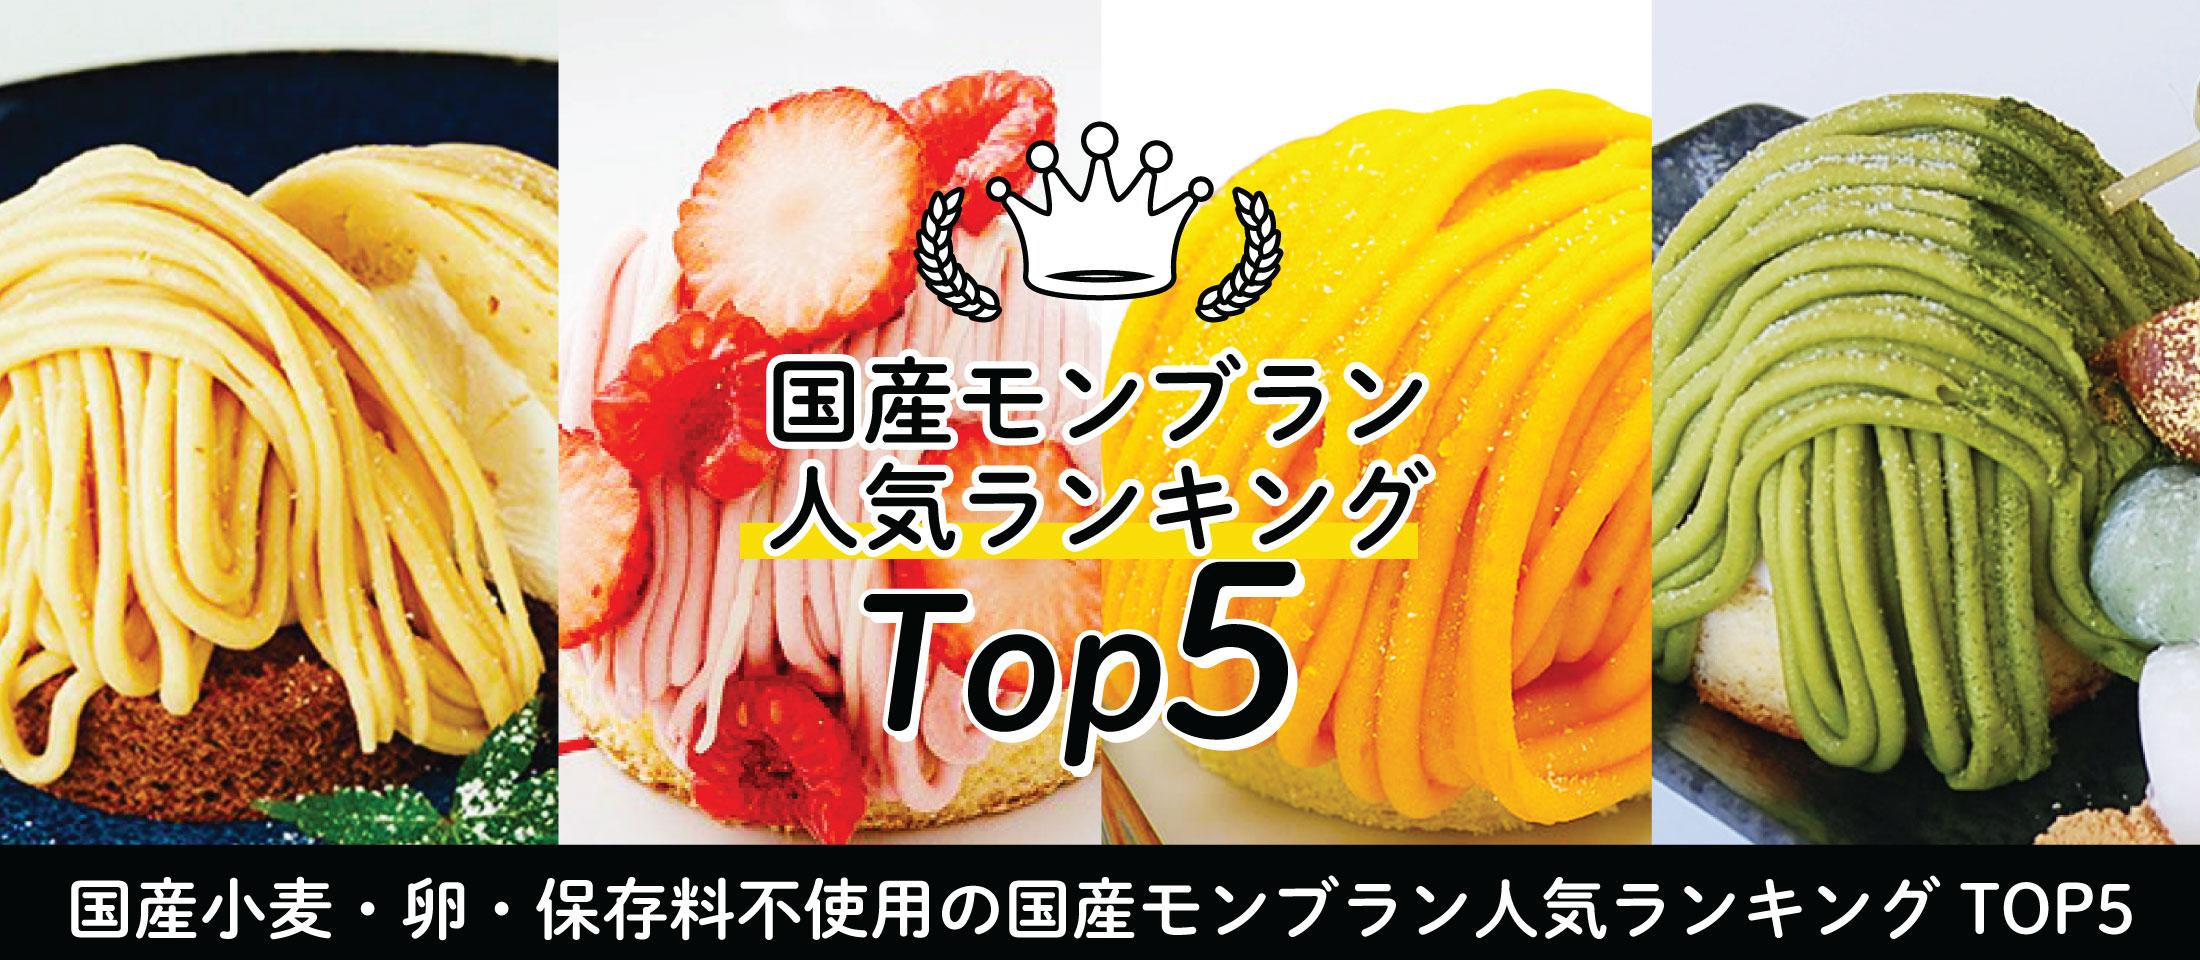 国産モンブラン 人気ランキング TOP5 業務用食品・冷凍食品通販 ナカヤマフーズオンライン